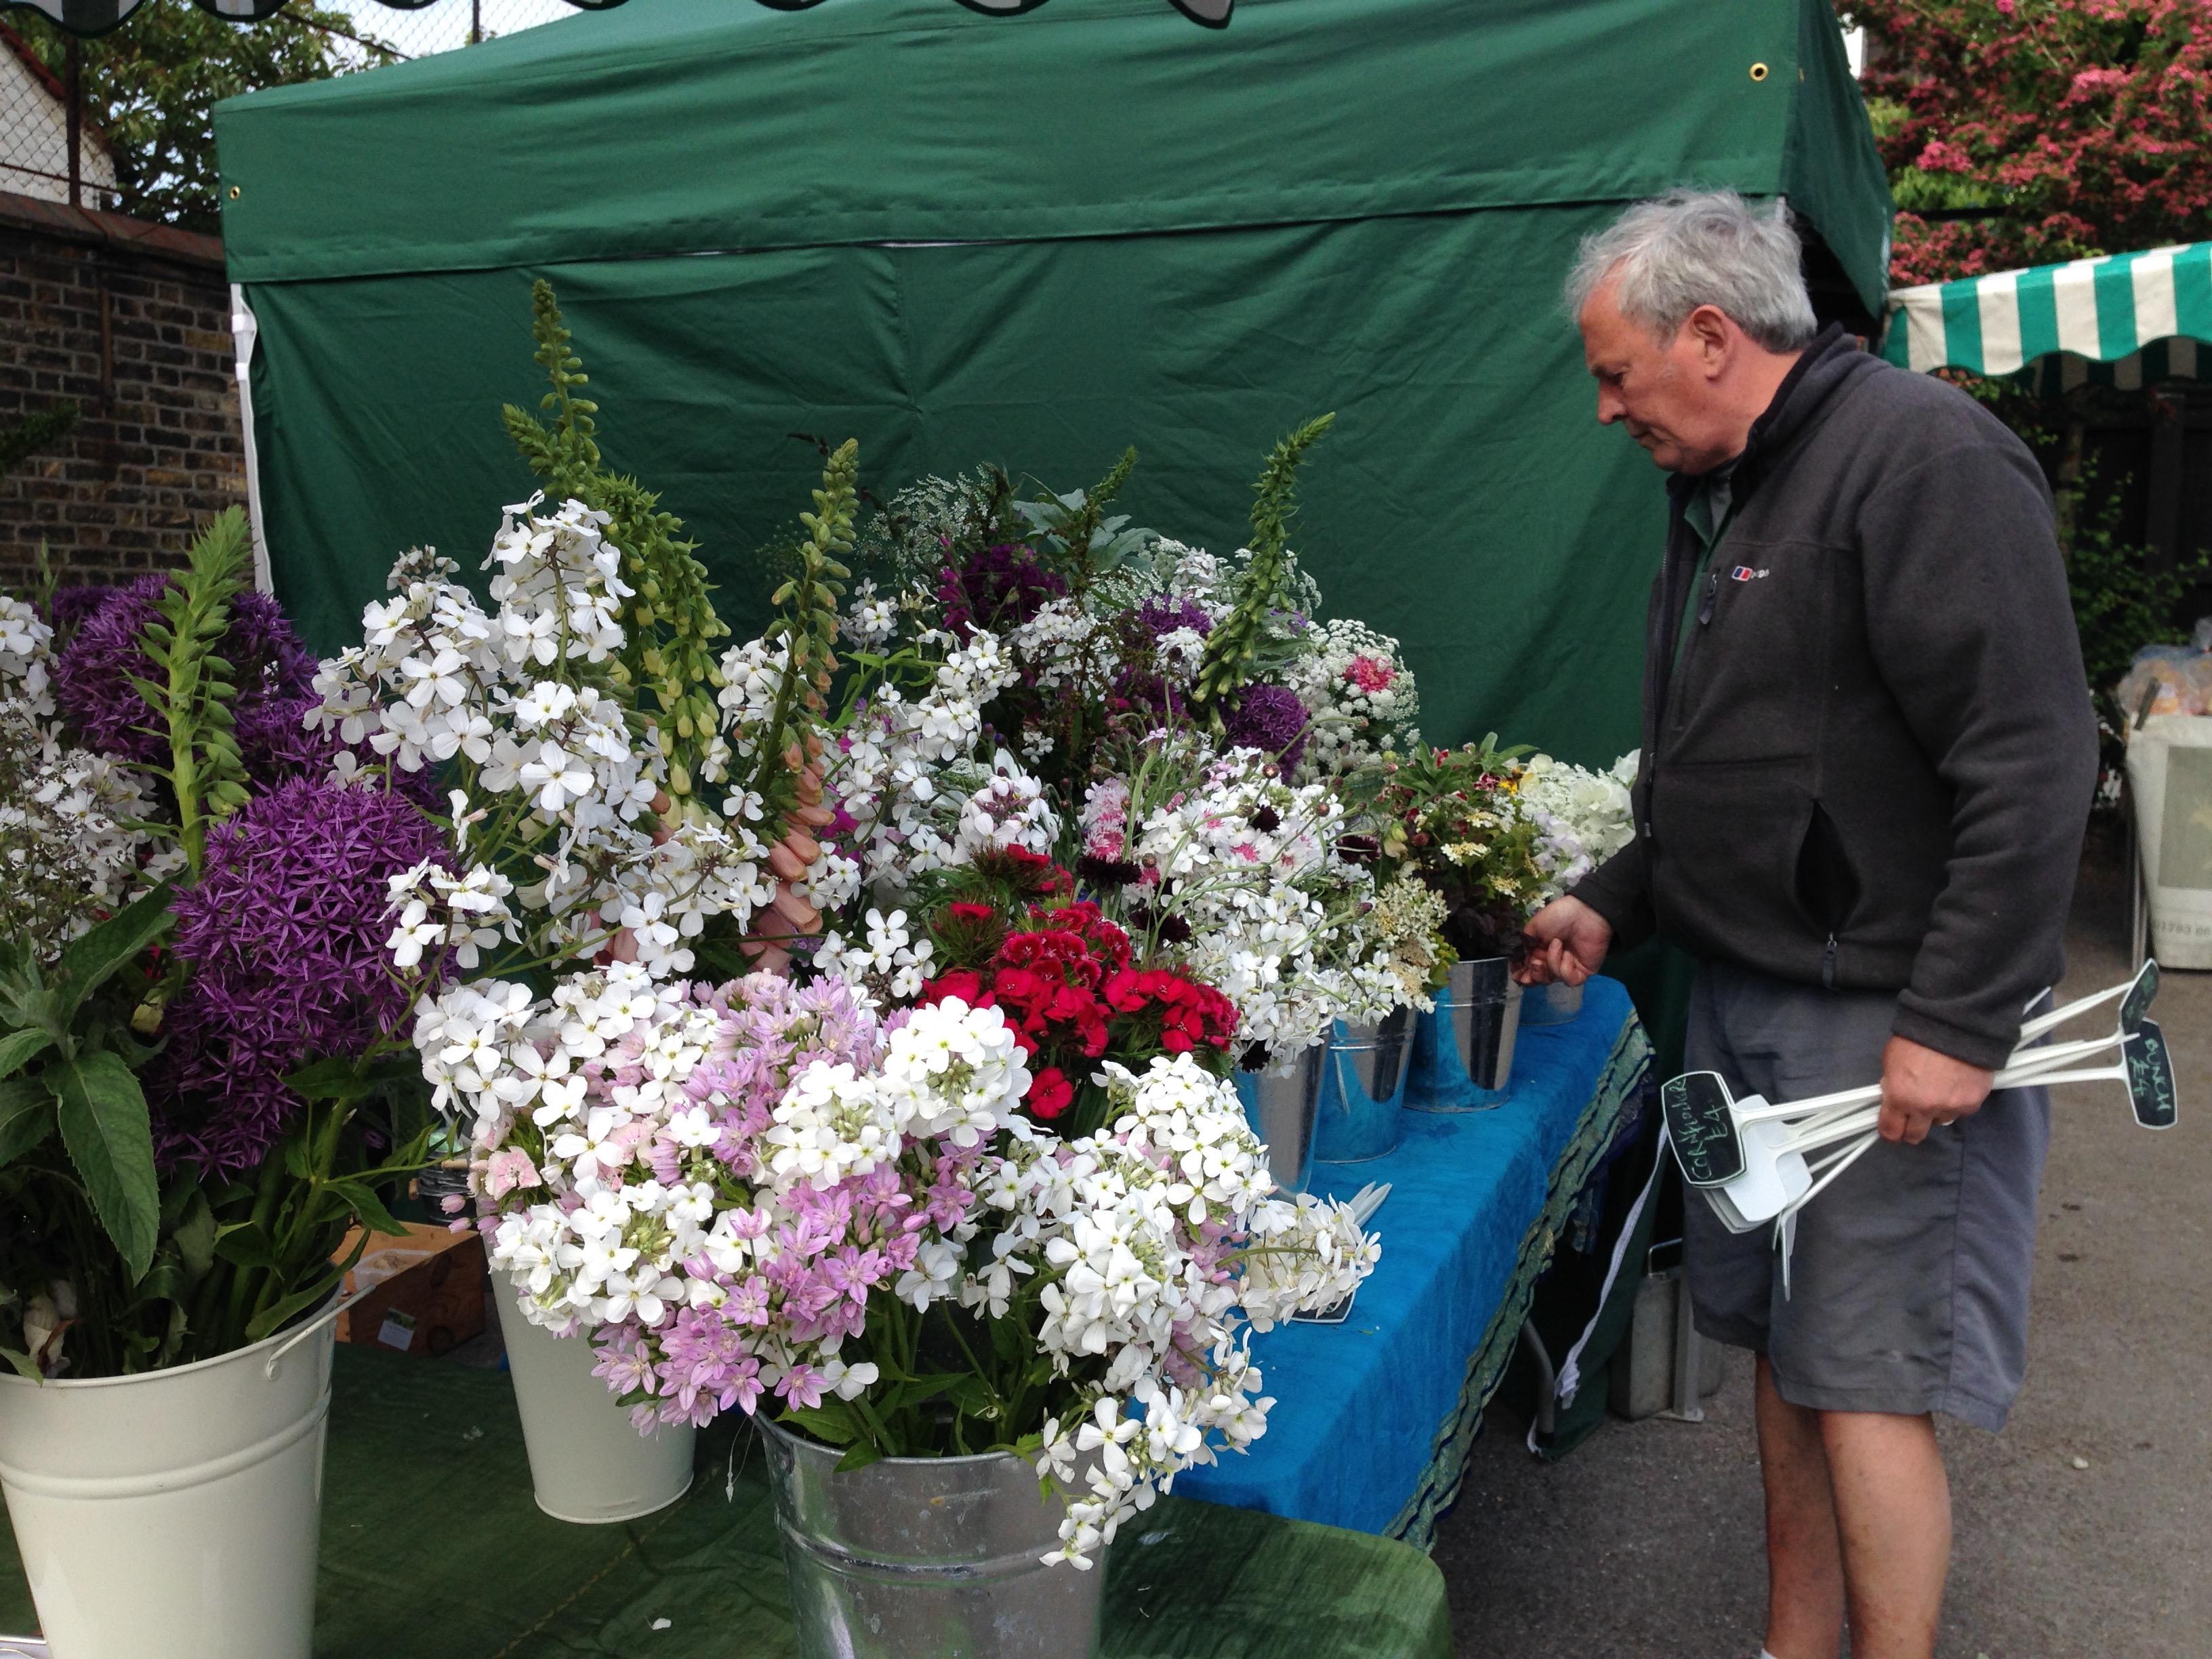 Steve-farmers-market